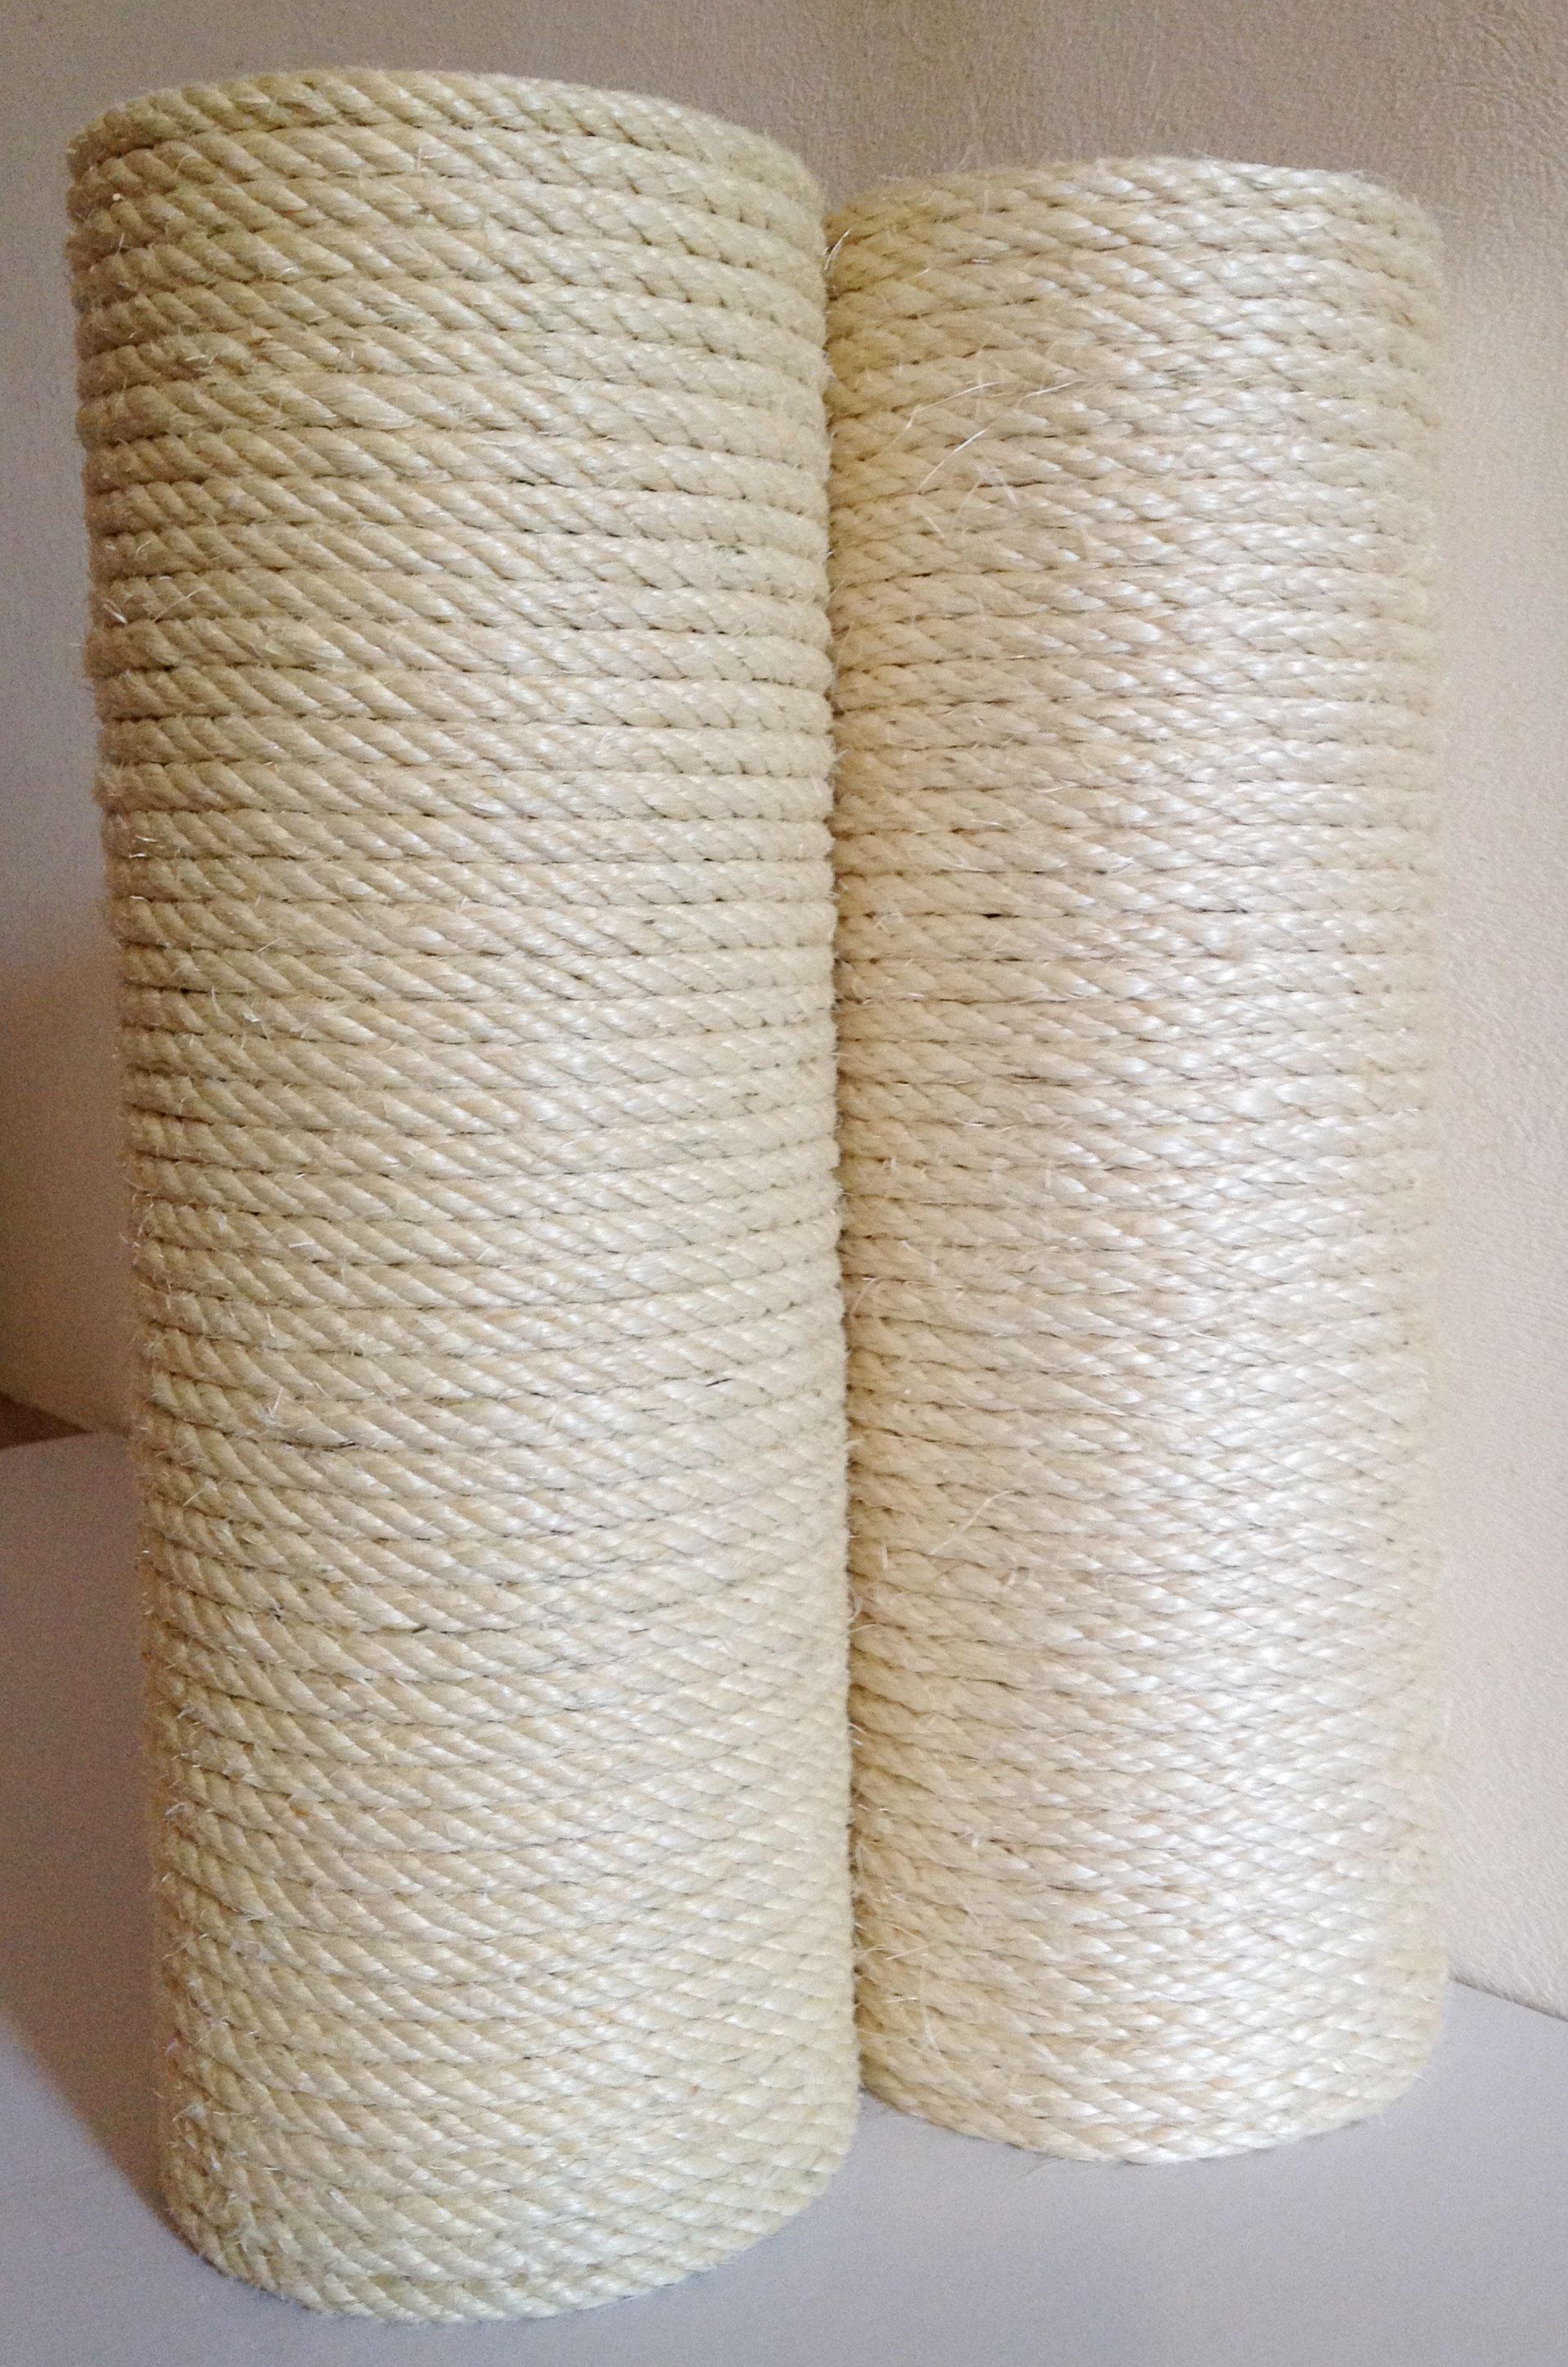 Pali in massello di castagno - corda di sisal chiara di qualità superiore / bianco del Madagascar